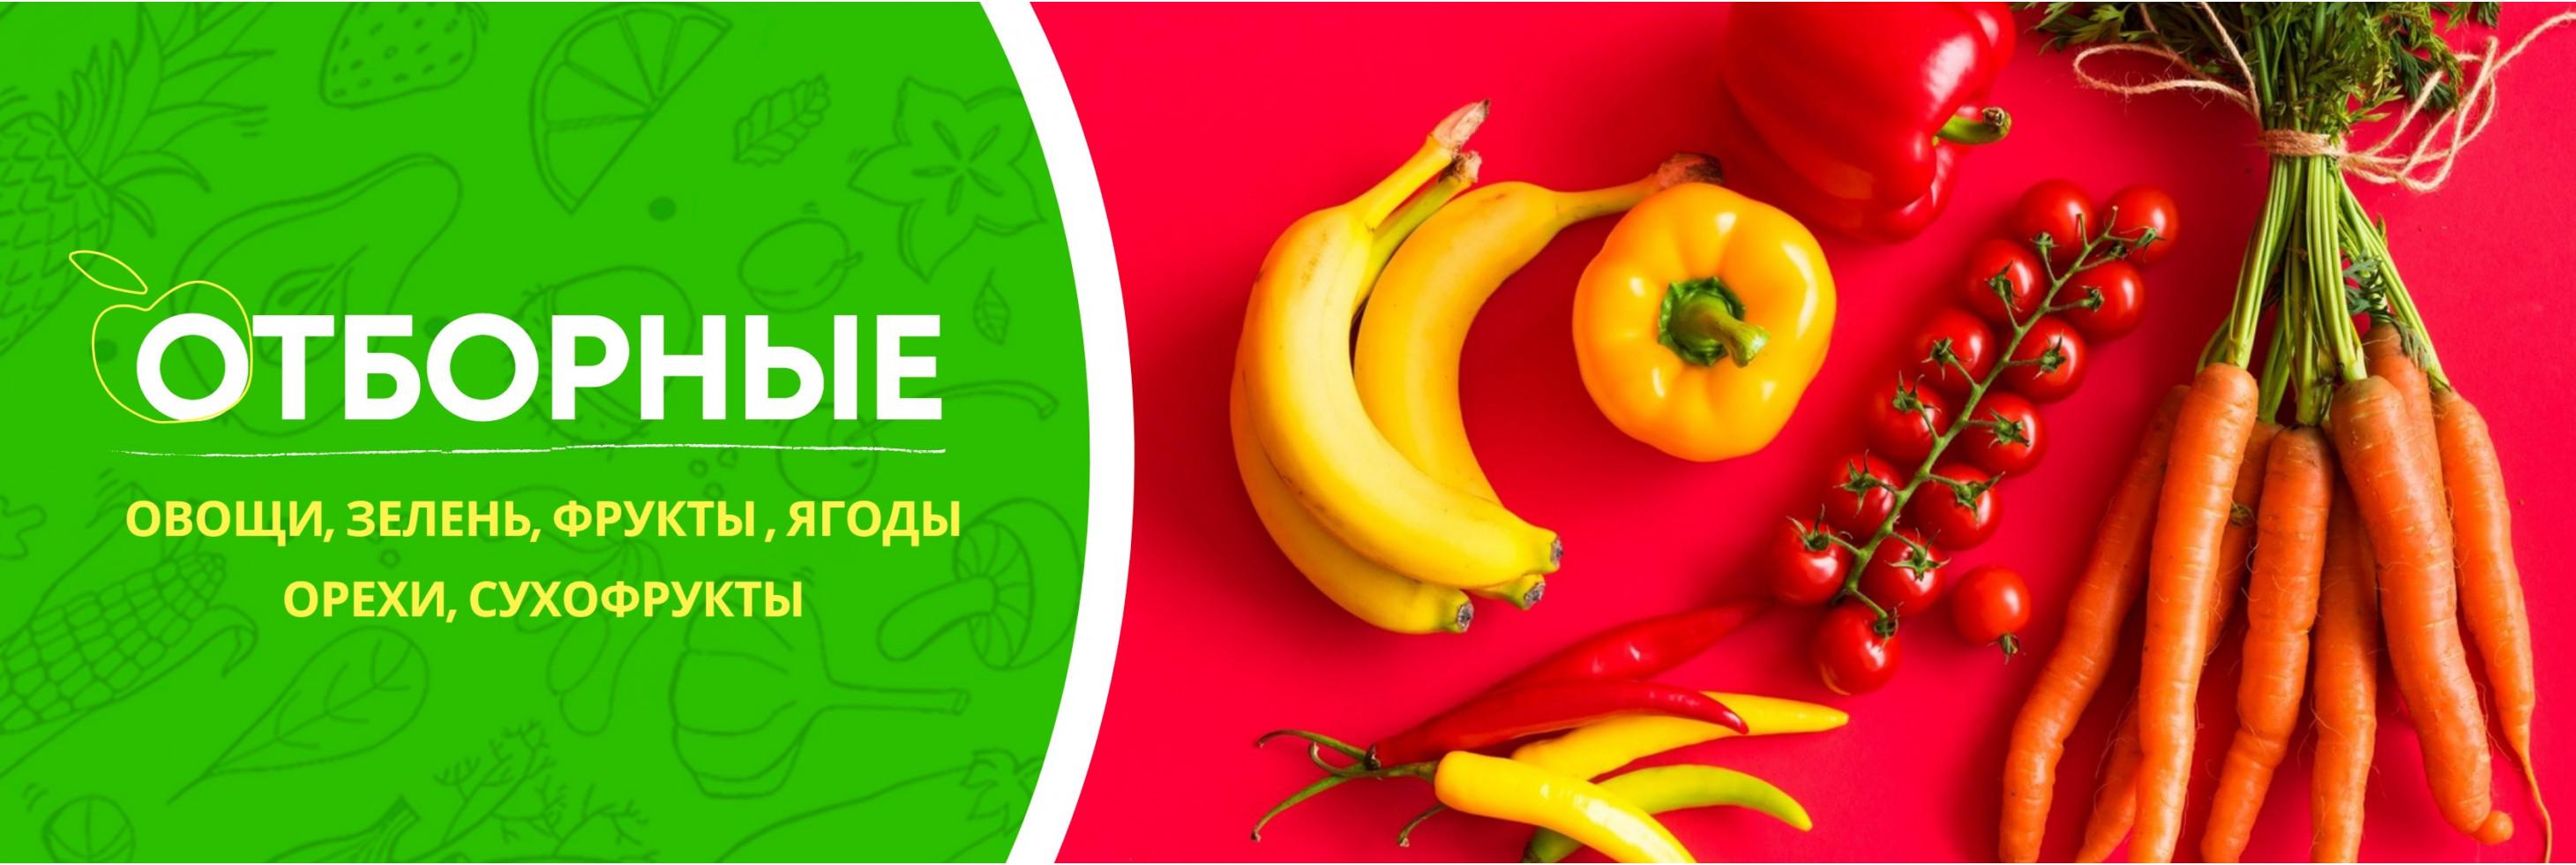 Отборные овощи, ягоды и фрукты